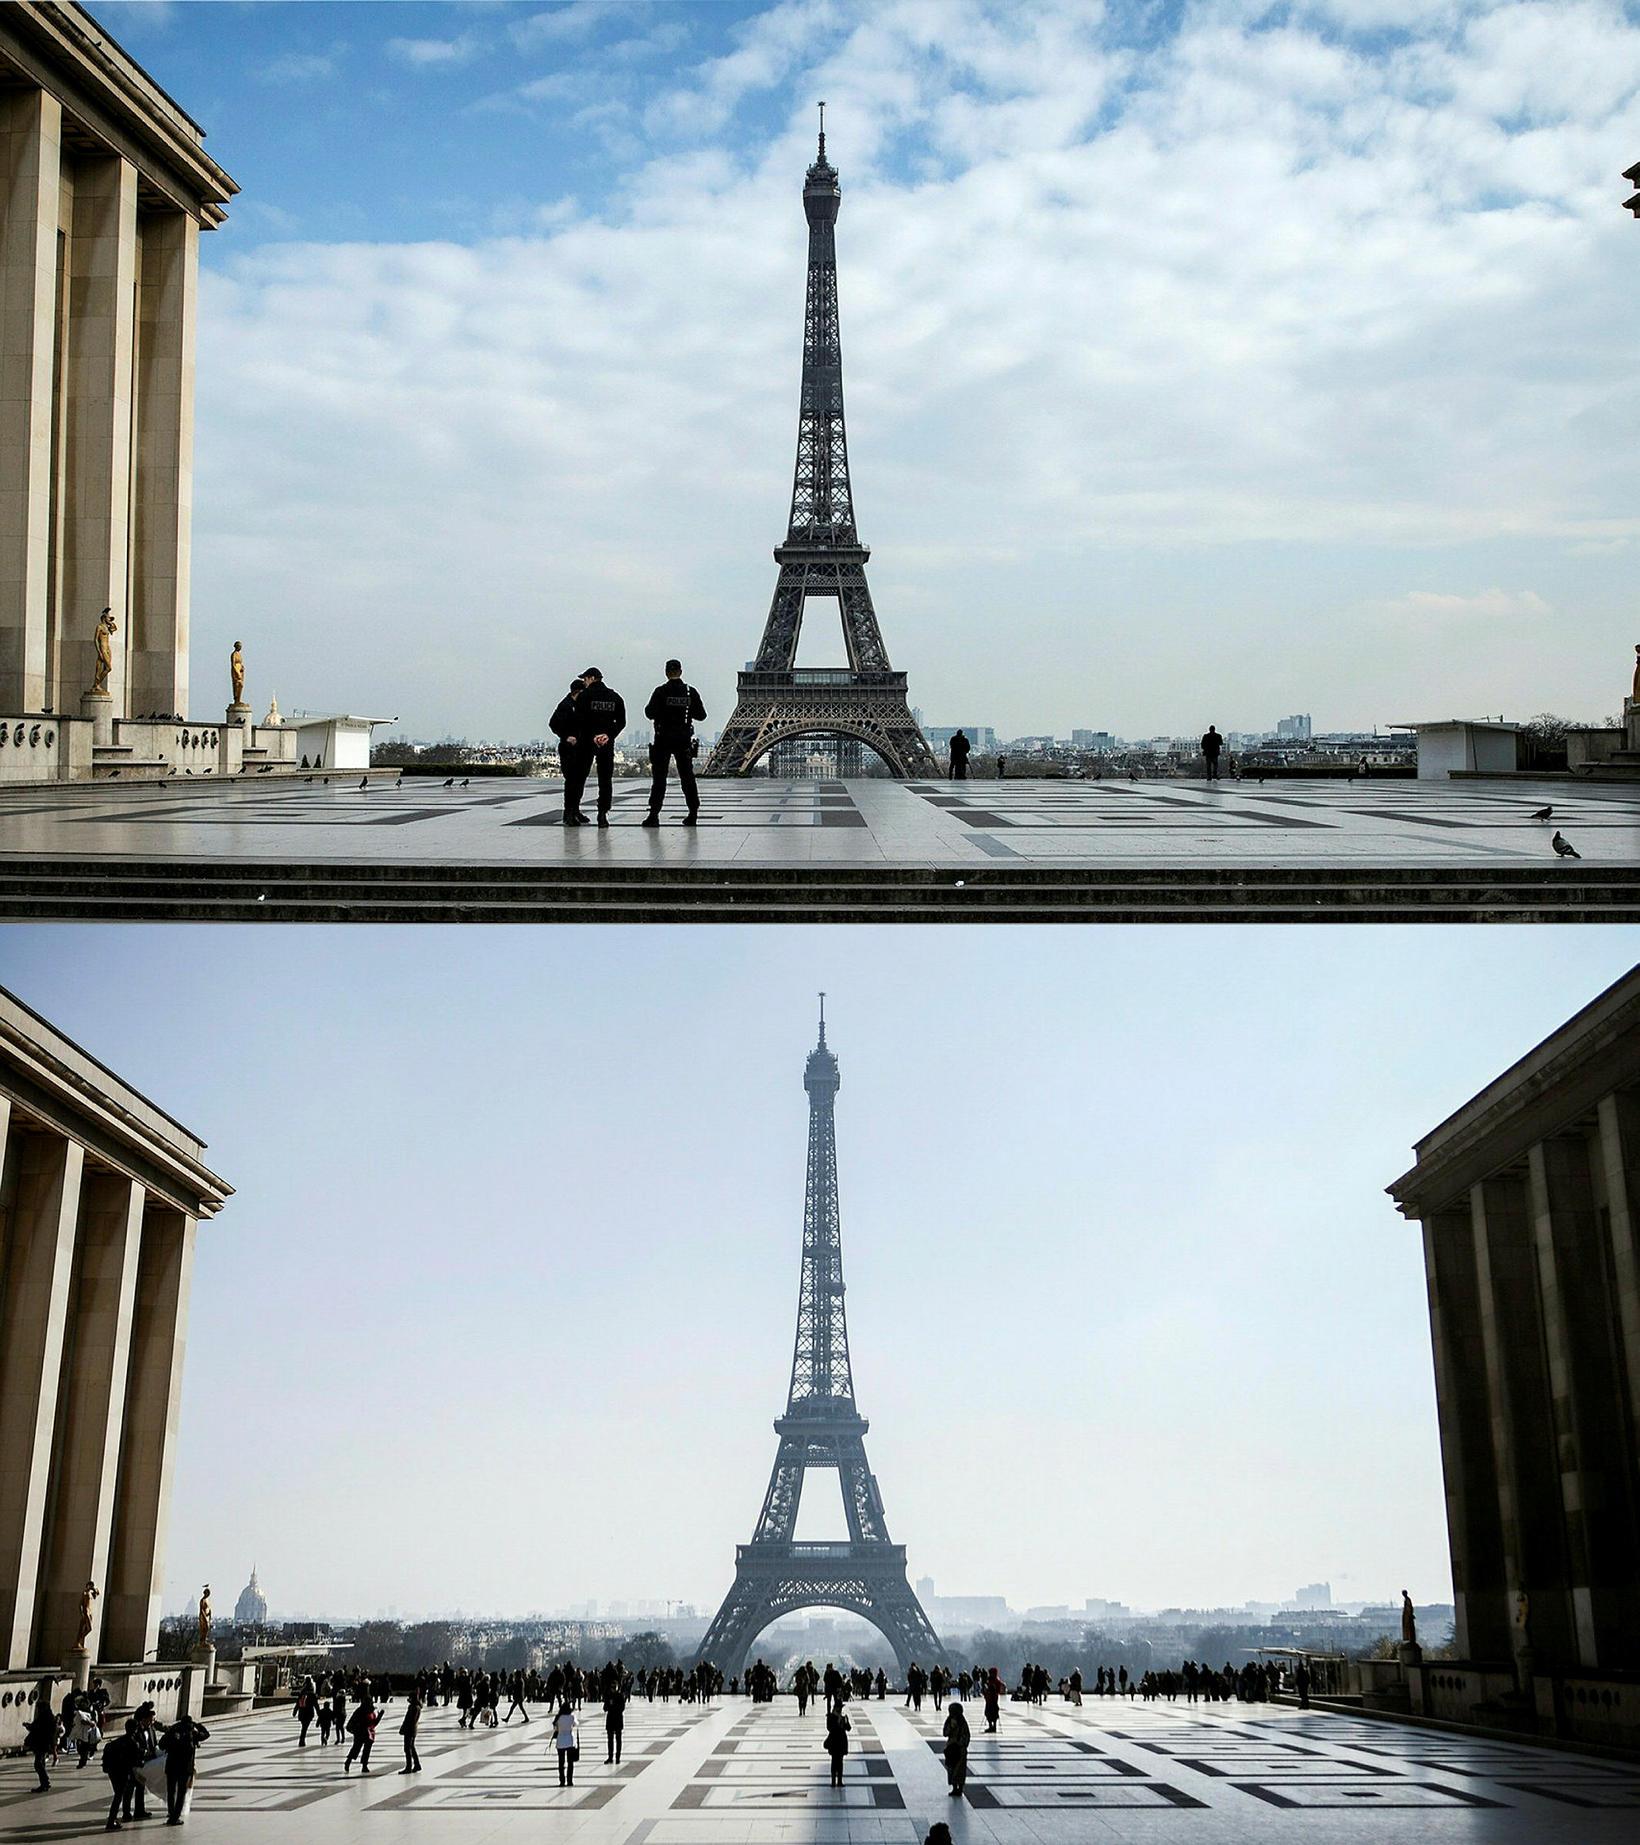 Horft að Eiffel-turninum í París þann 17. mars 2020 og …